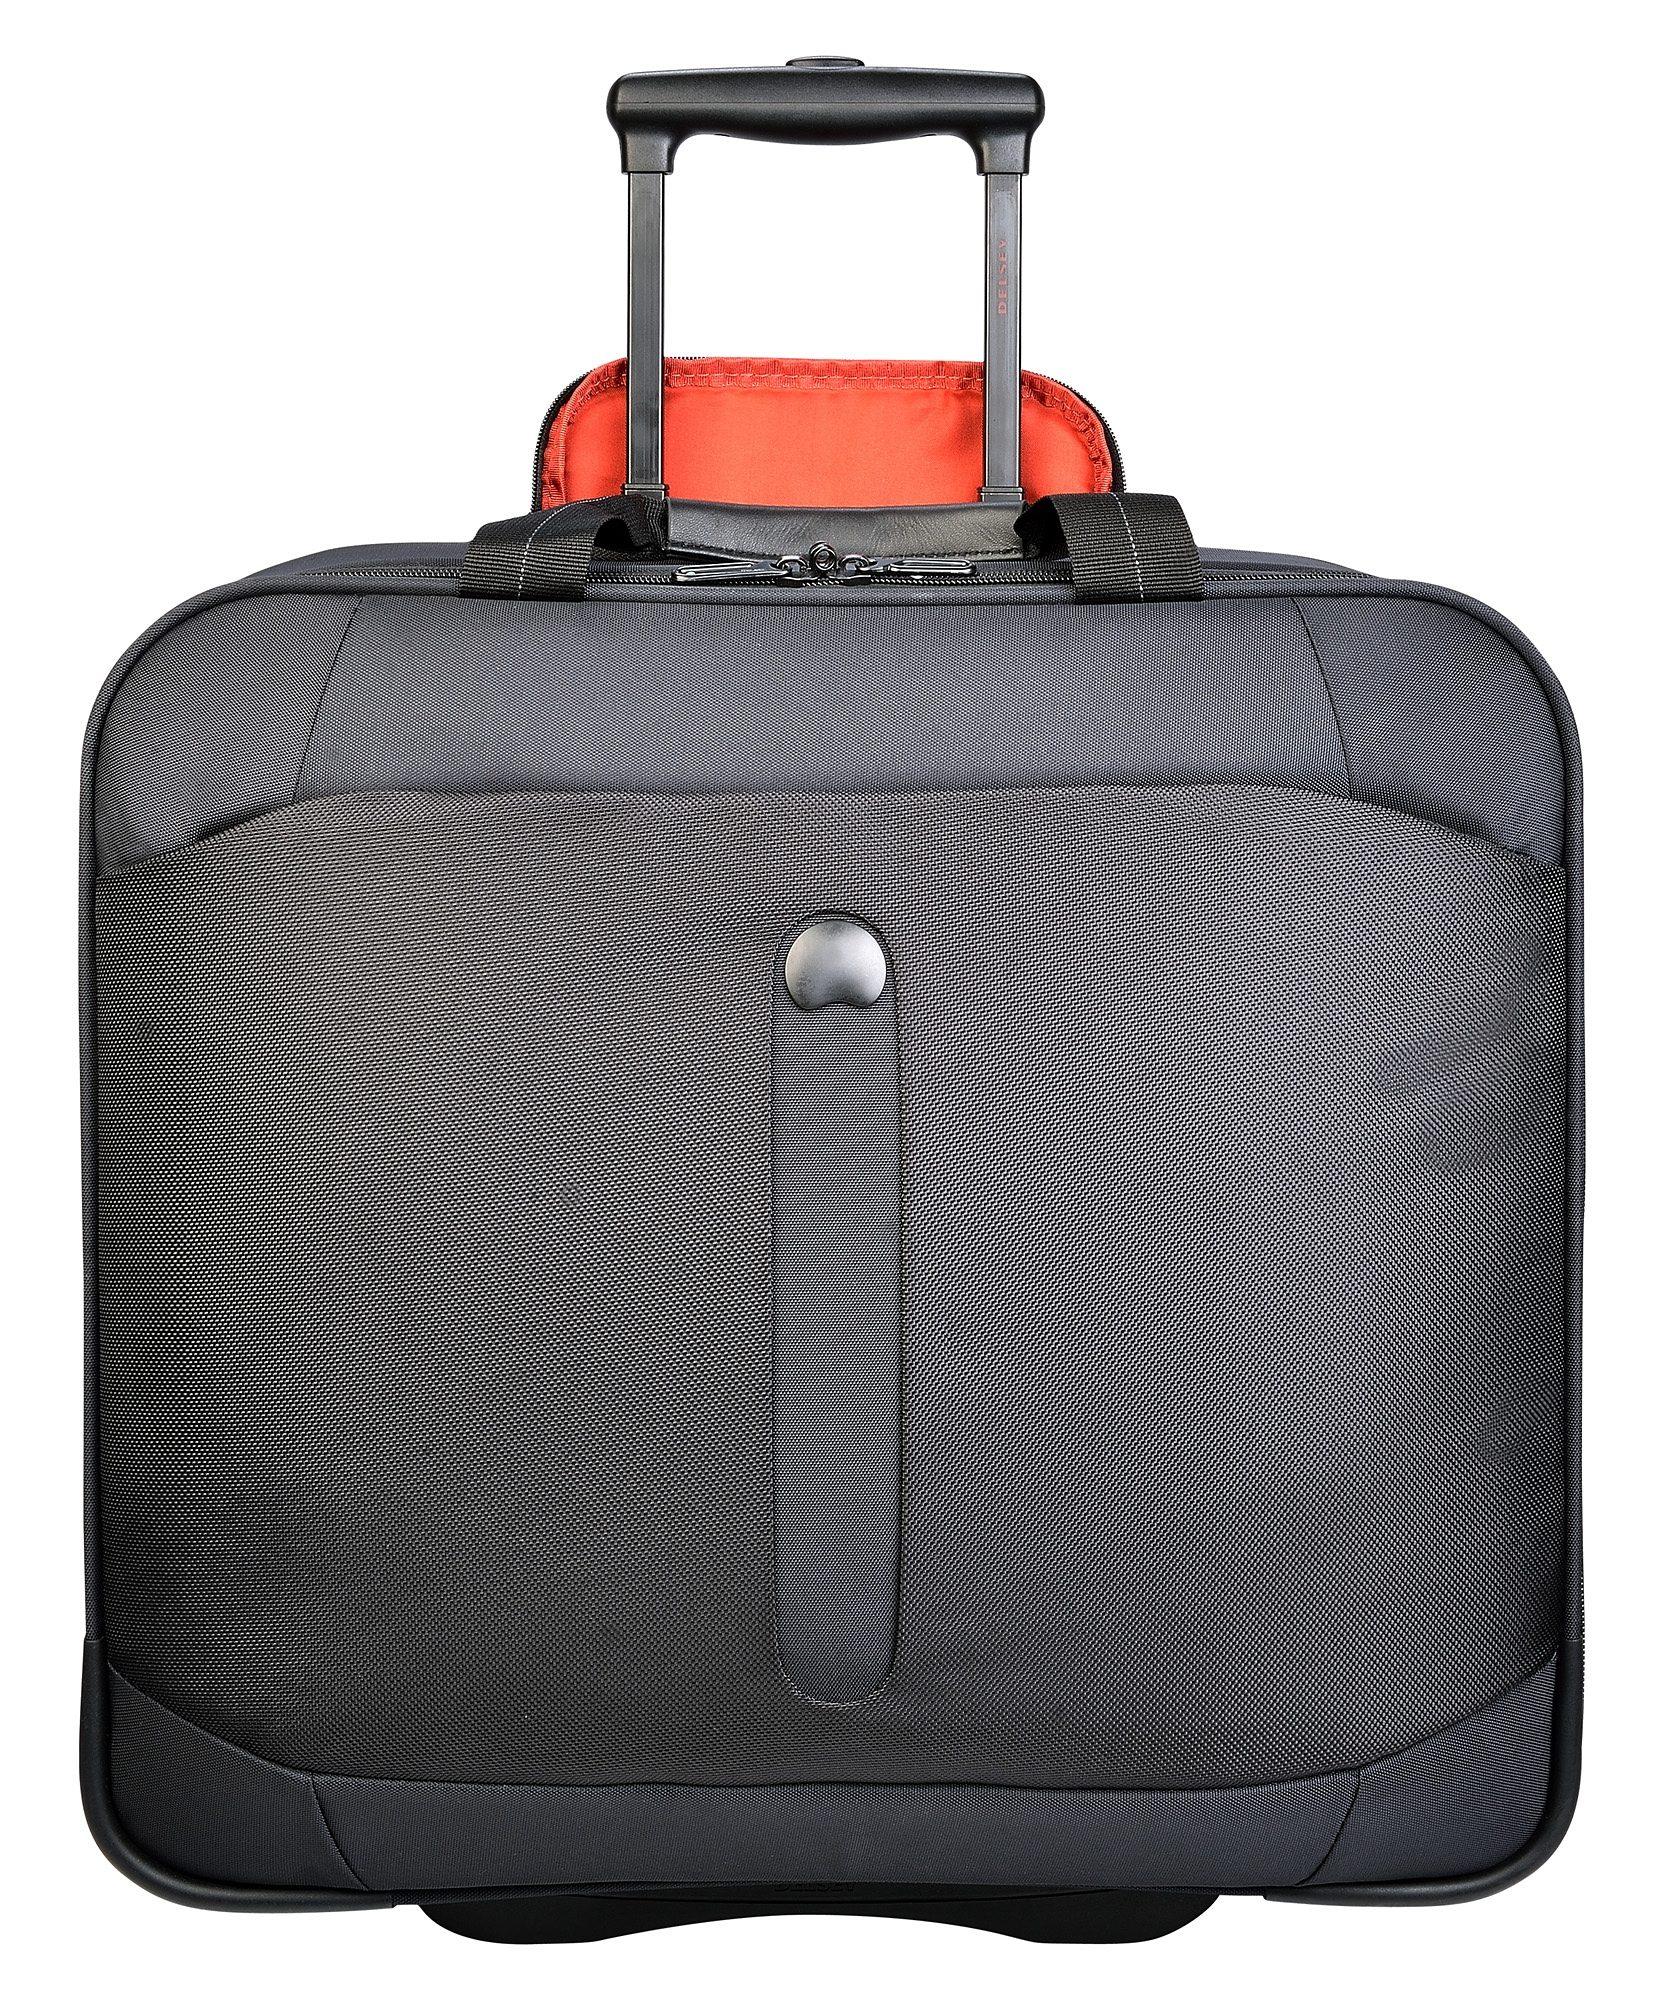 DELSEY Weichgepäck Businesstrolley mit 2 Rollen und 17,3-Zoll Laptopfach, »Bellecour«